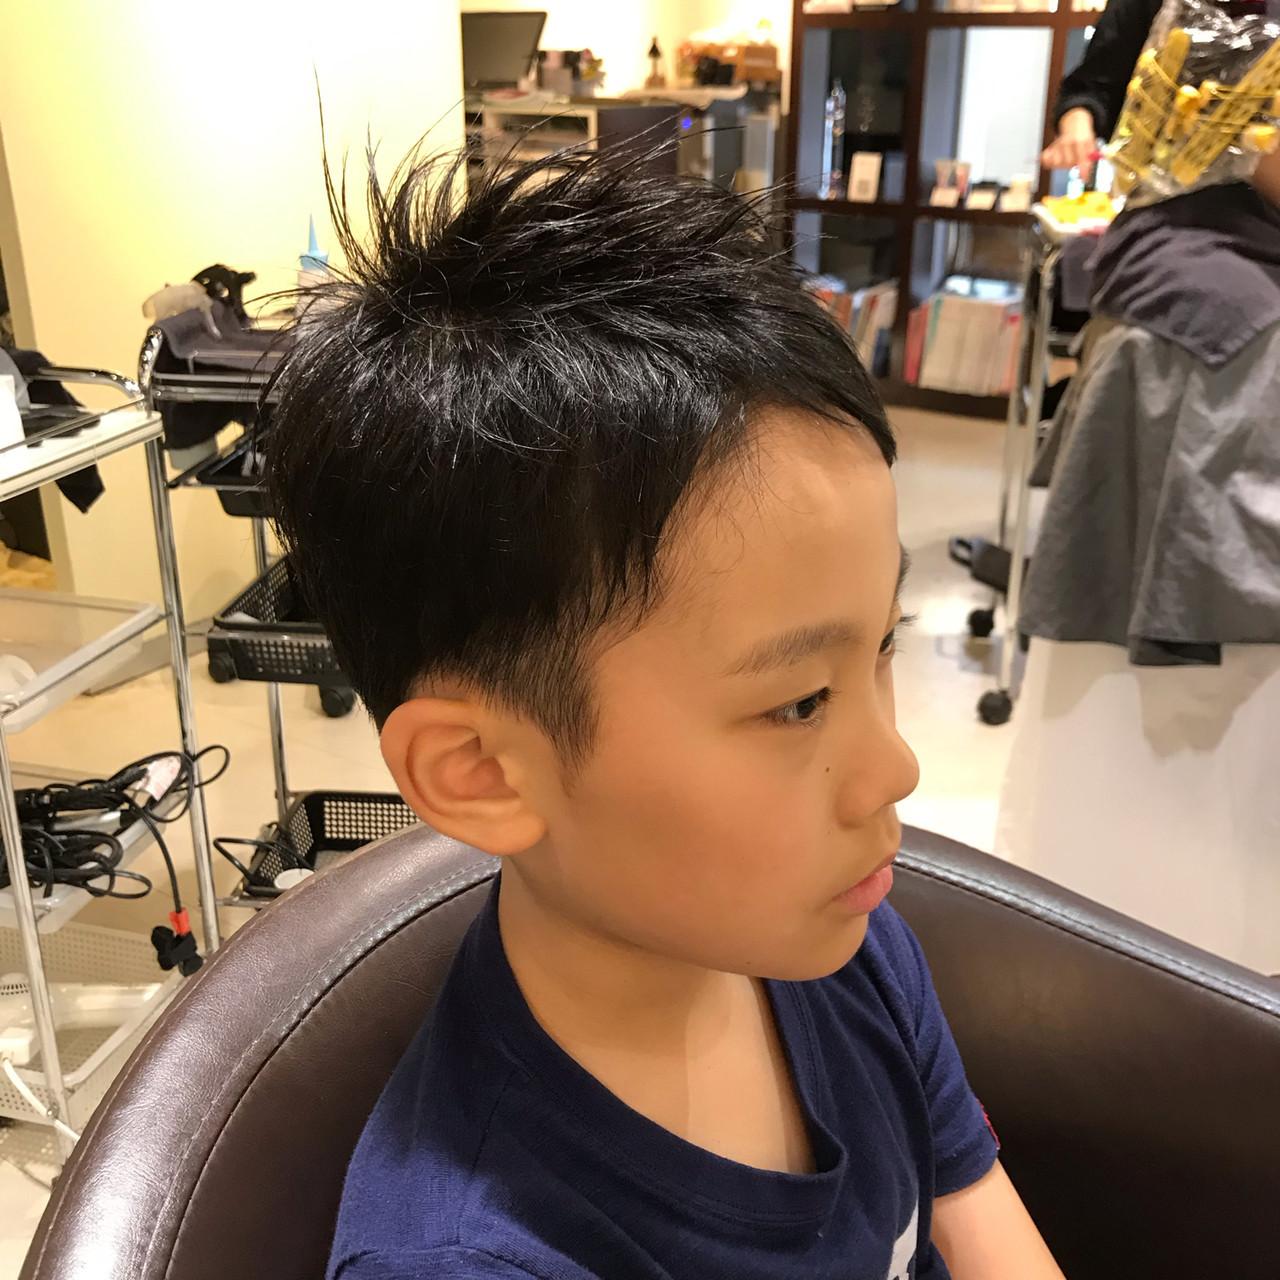 黒髪 ツーブロック キッズカット ナチュラル ヘアスタイルや髪型の写真・画像